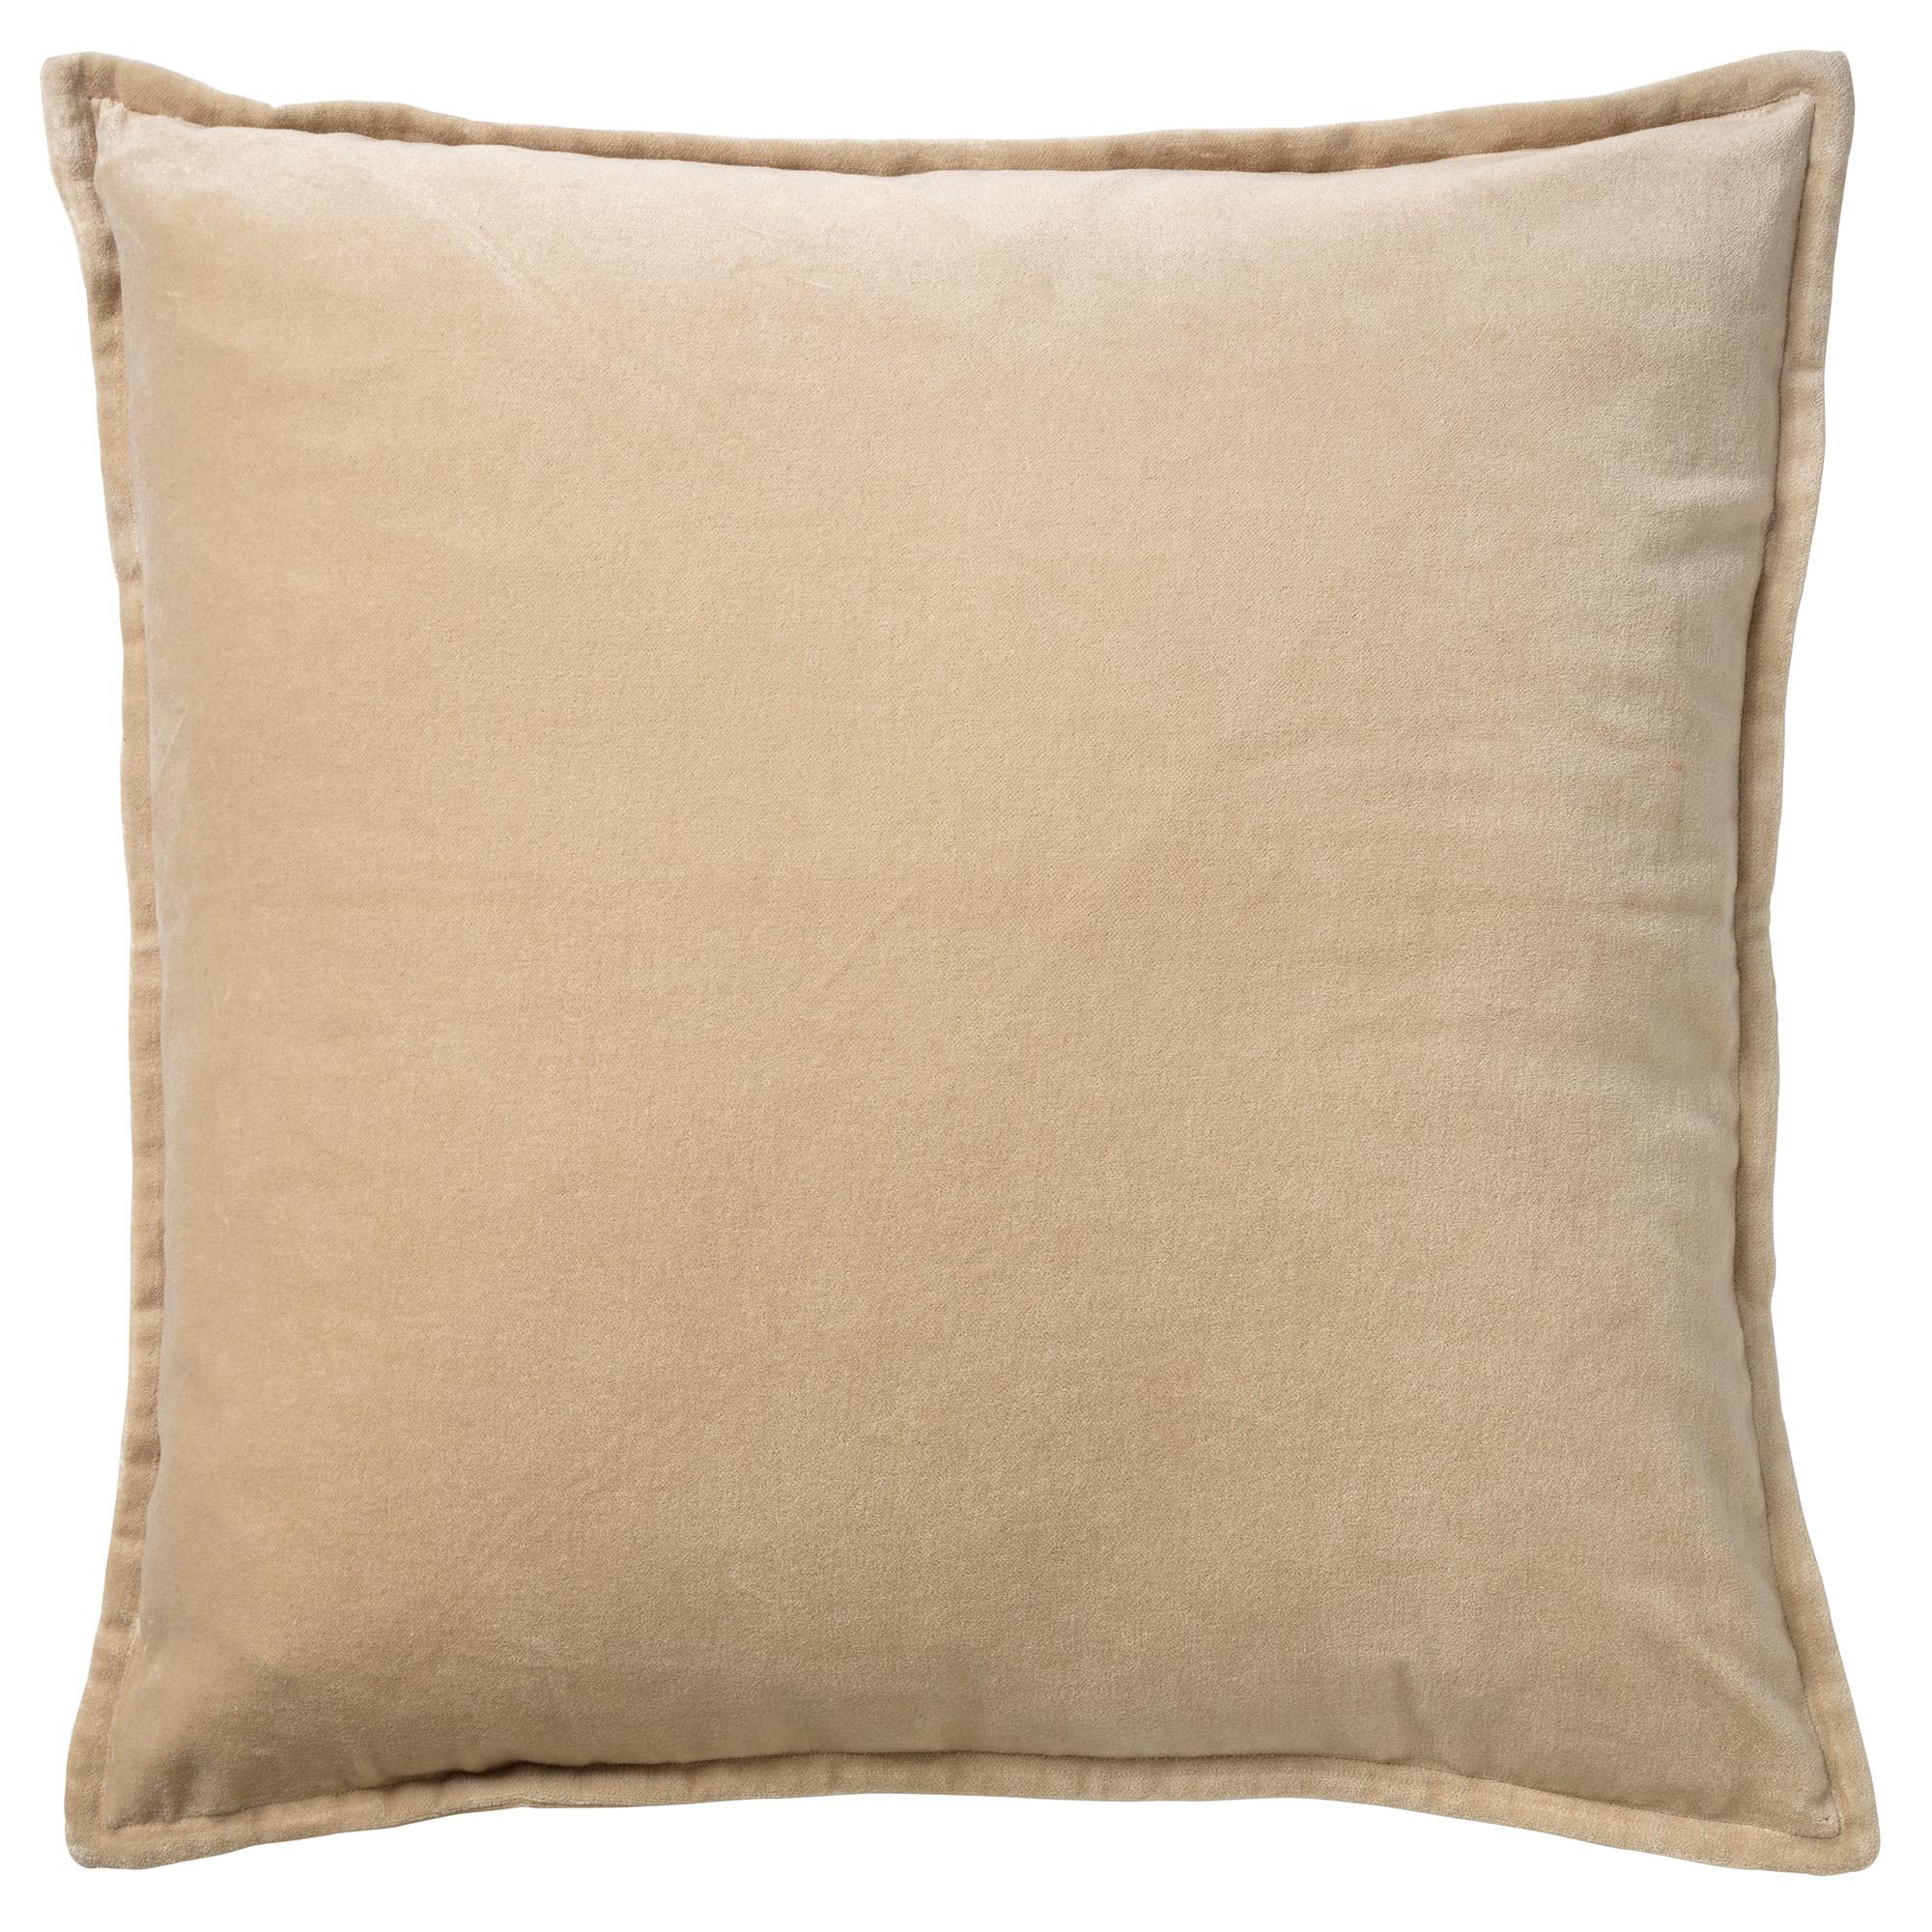 CAITH - Sierkussen velvet Pumice Stone 50x50 cm